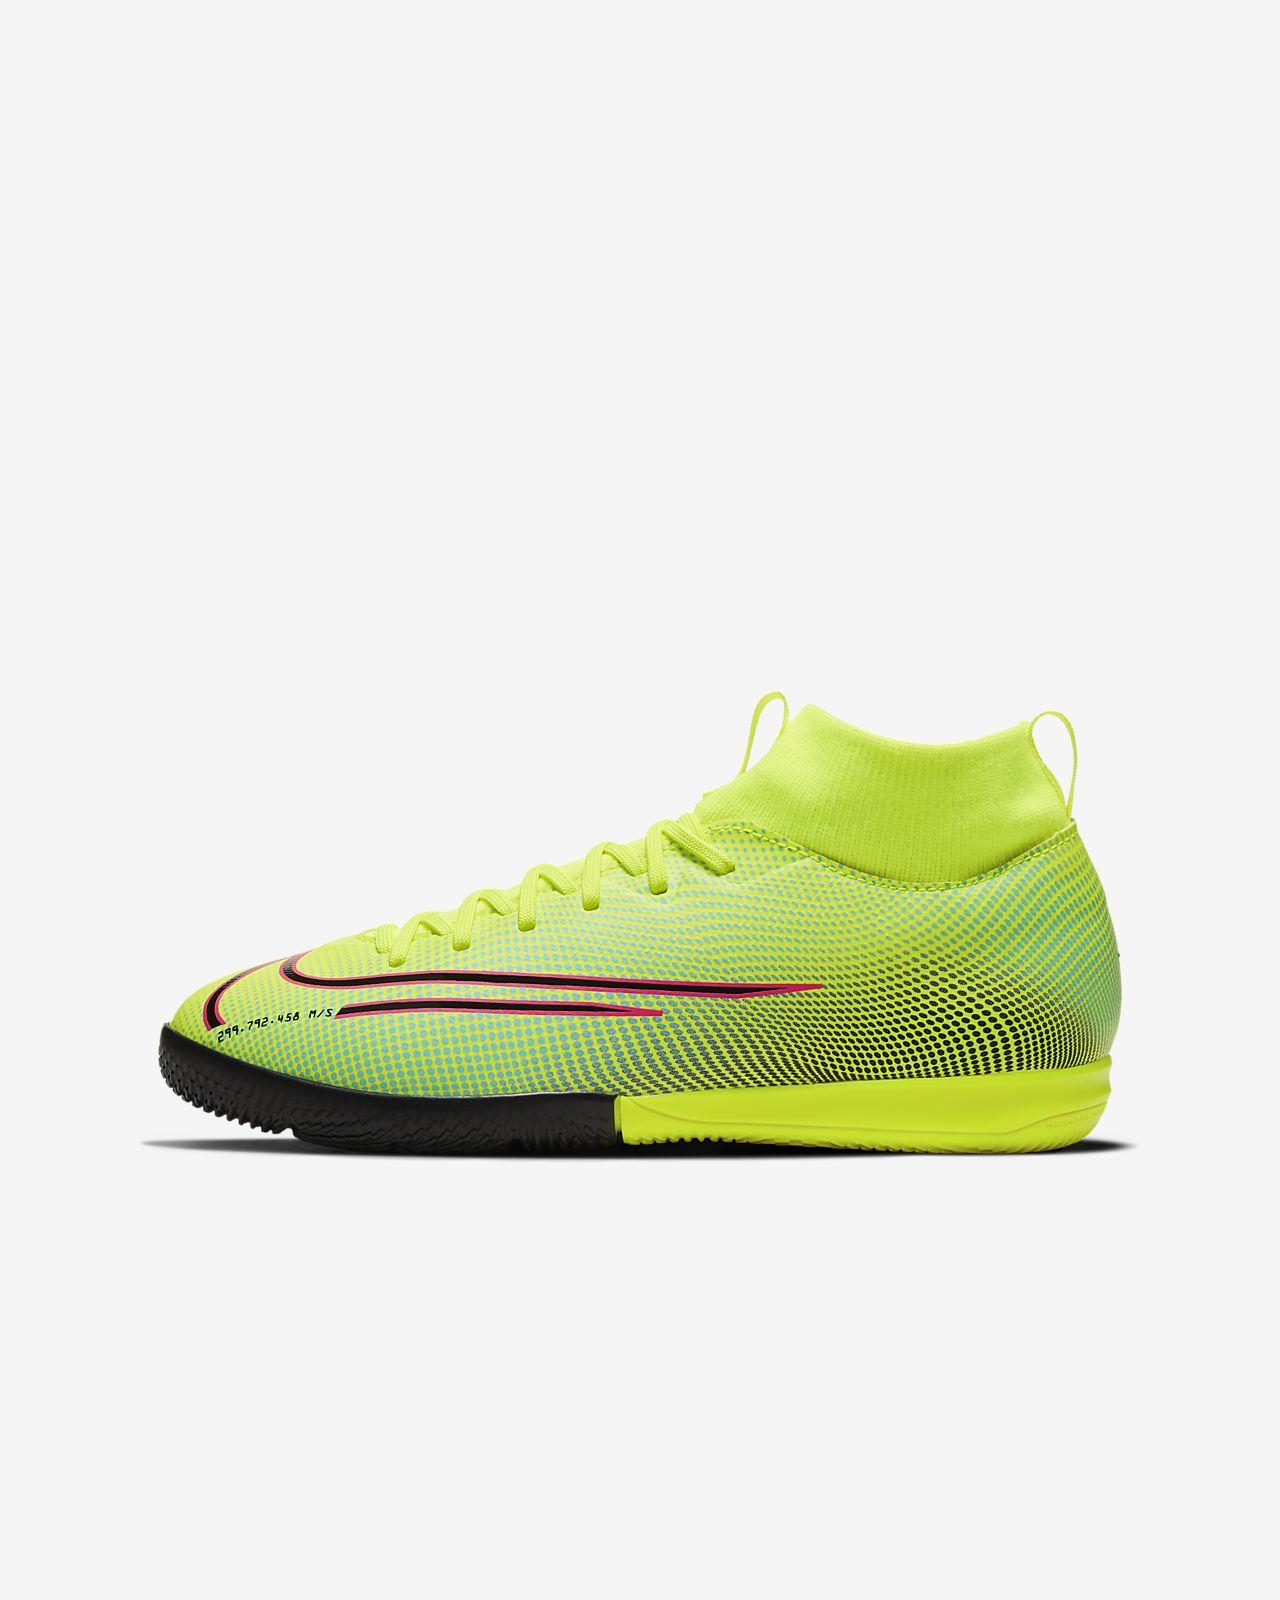 Fotbollssko för inomhusplan/futsal/street Nike Jr. Mercurial Superfly 7 Academy MDS IC för barn/ungdom